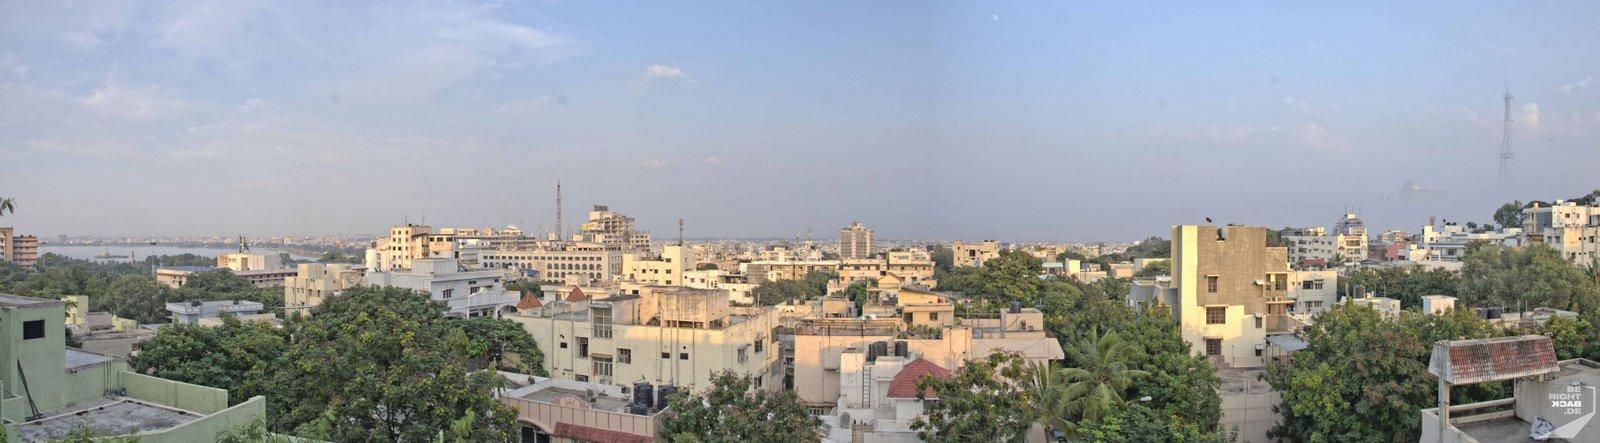 Hyderabad Aussicht vom Tempel